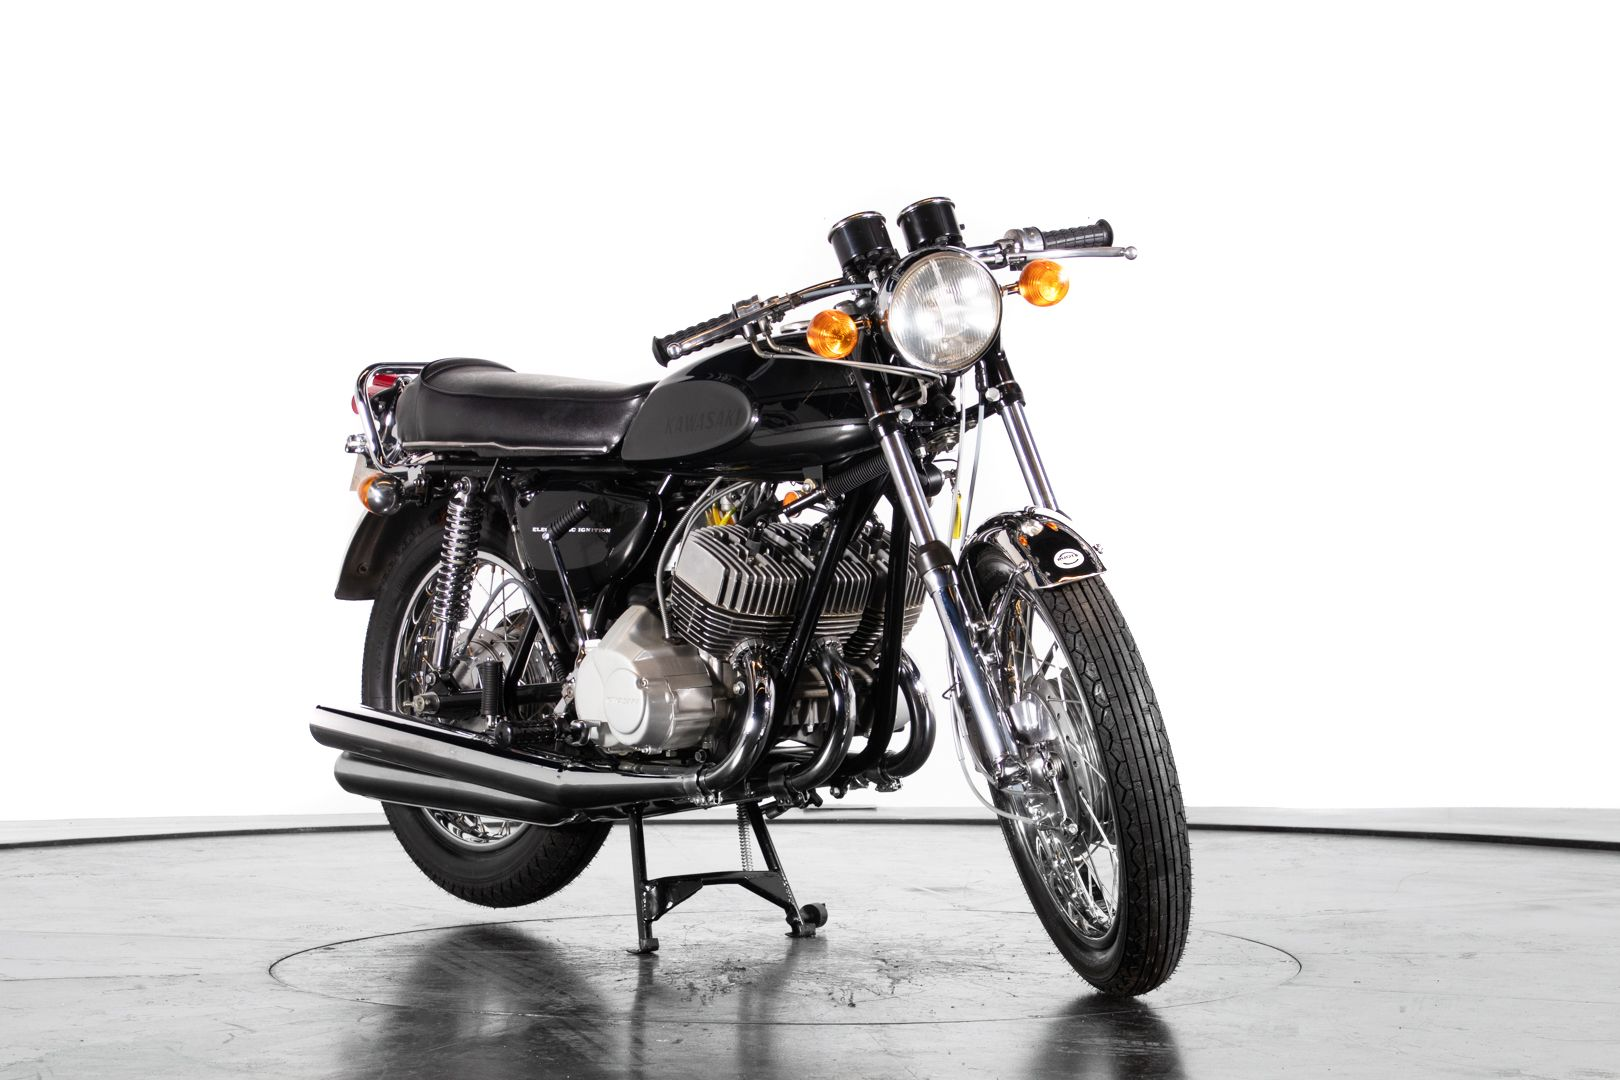 1970 Kawasaki 500 H1 44373